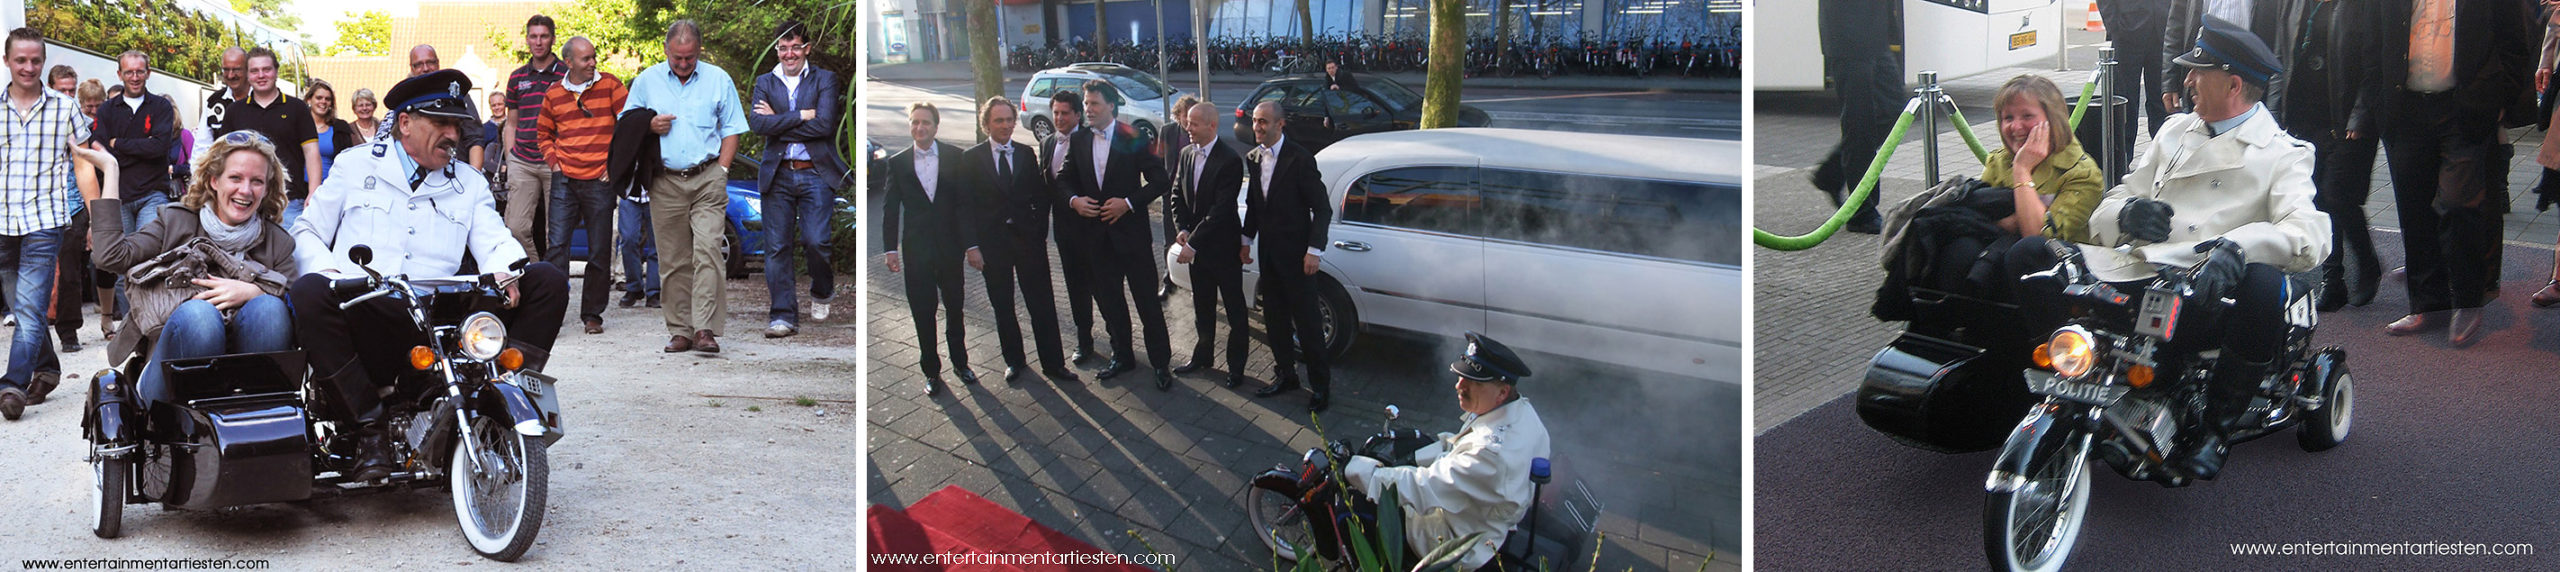 De nostalgische politiemotor is een komische Entree act om uw gasten mee te verwelkomen, thema act, straattheater, ontvangsact, entertainment, artiesten boeken, Govers Evenementen, www.goversartiesten.nl